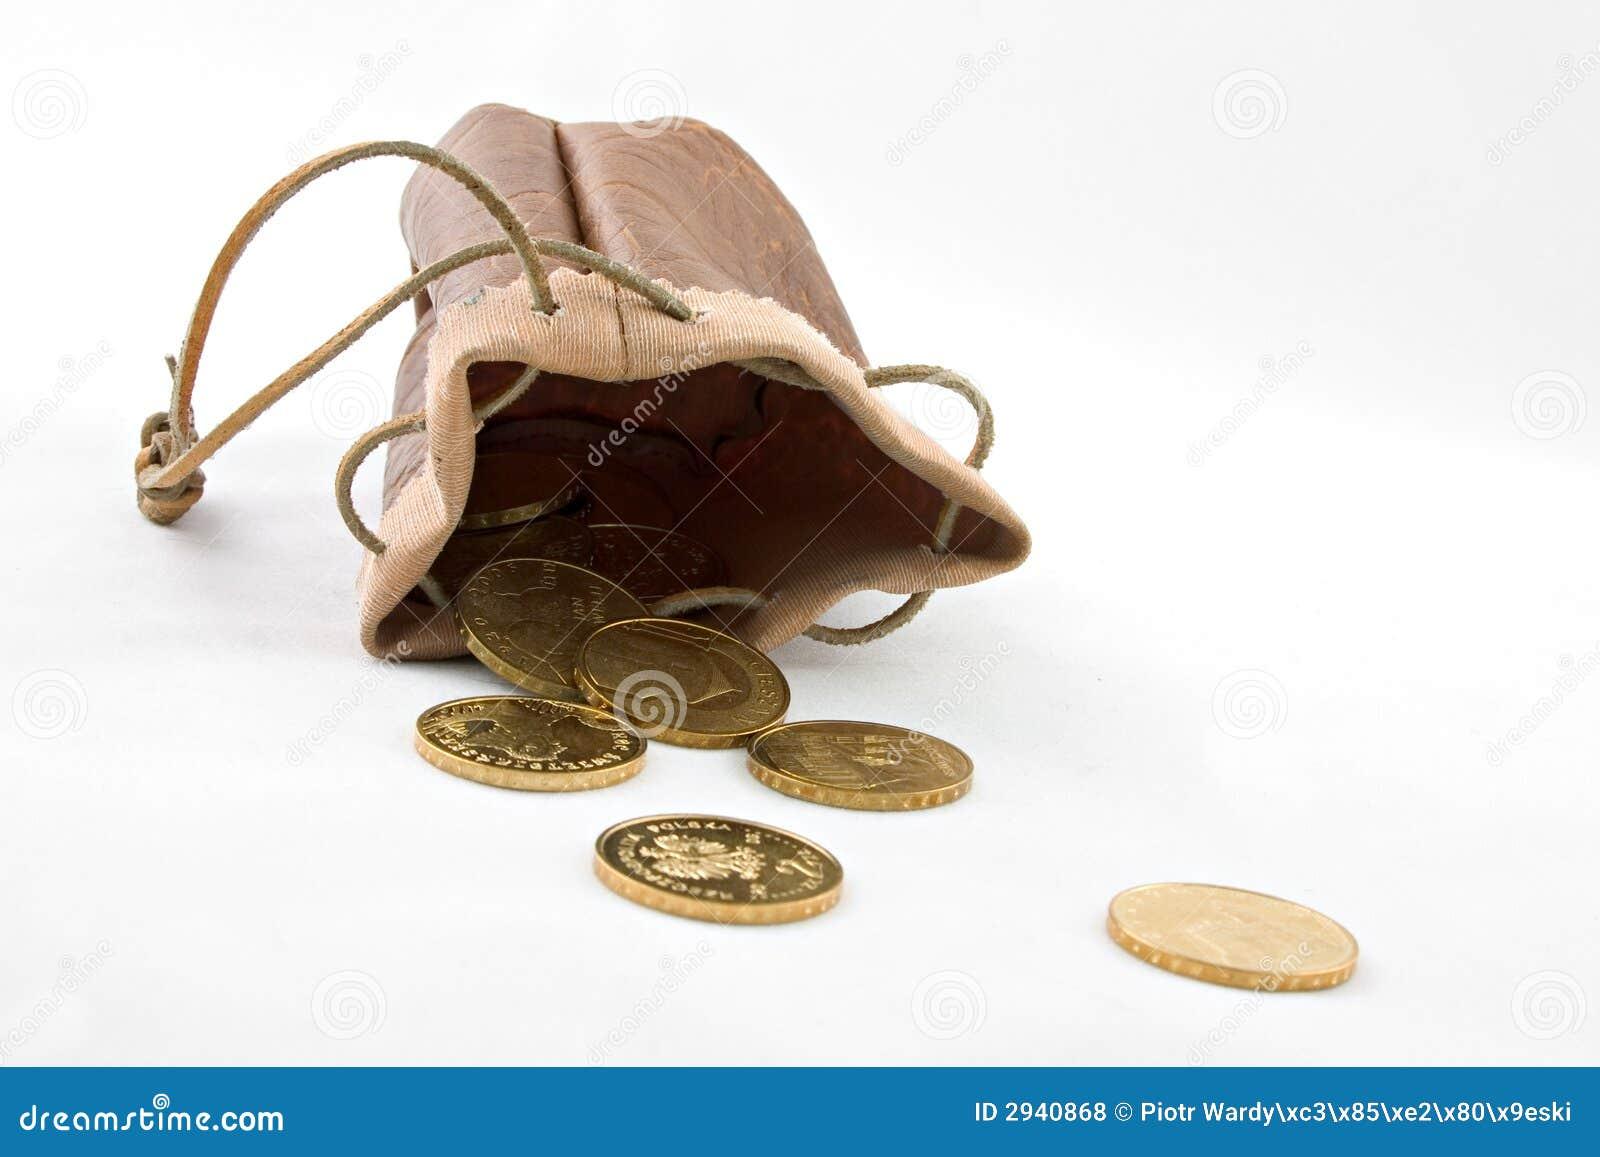 Złote monety sakiewka